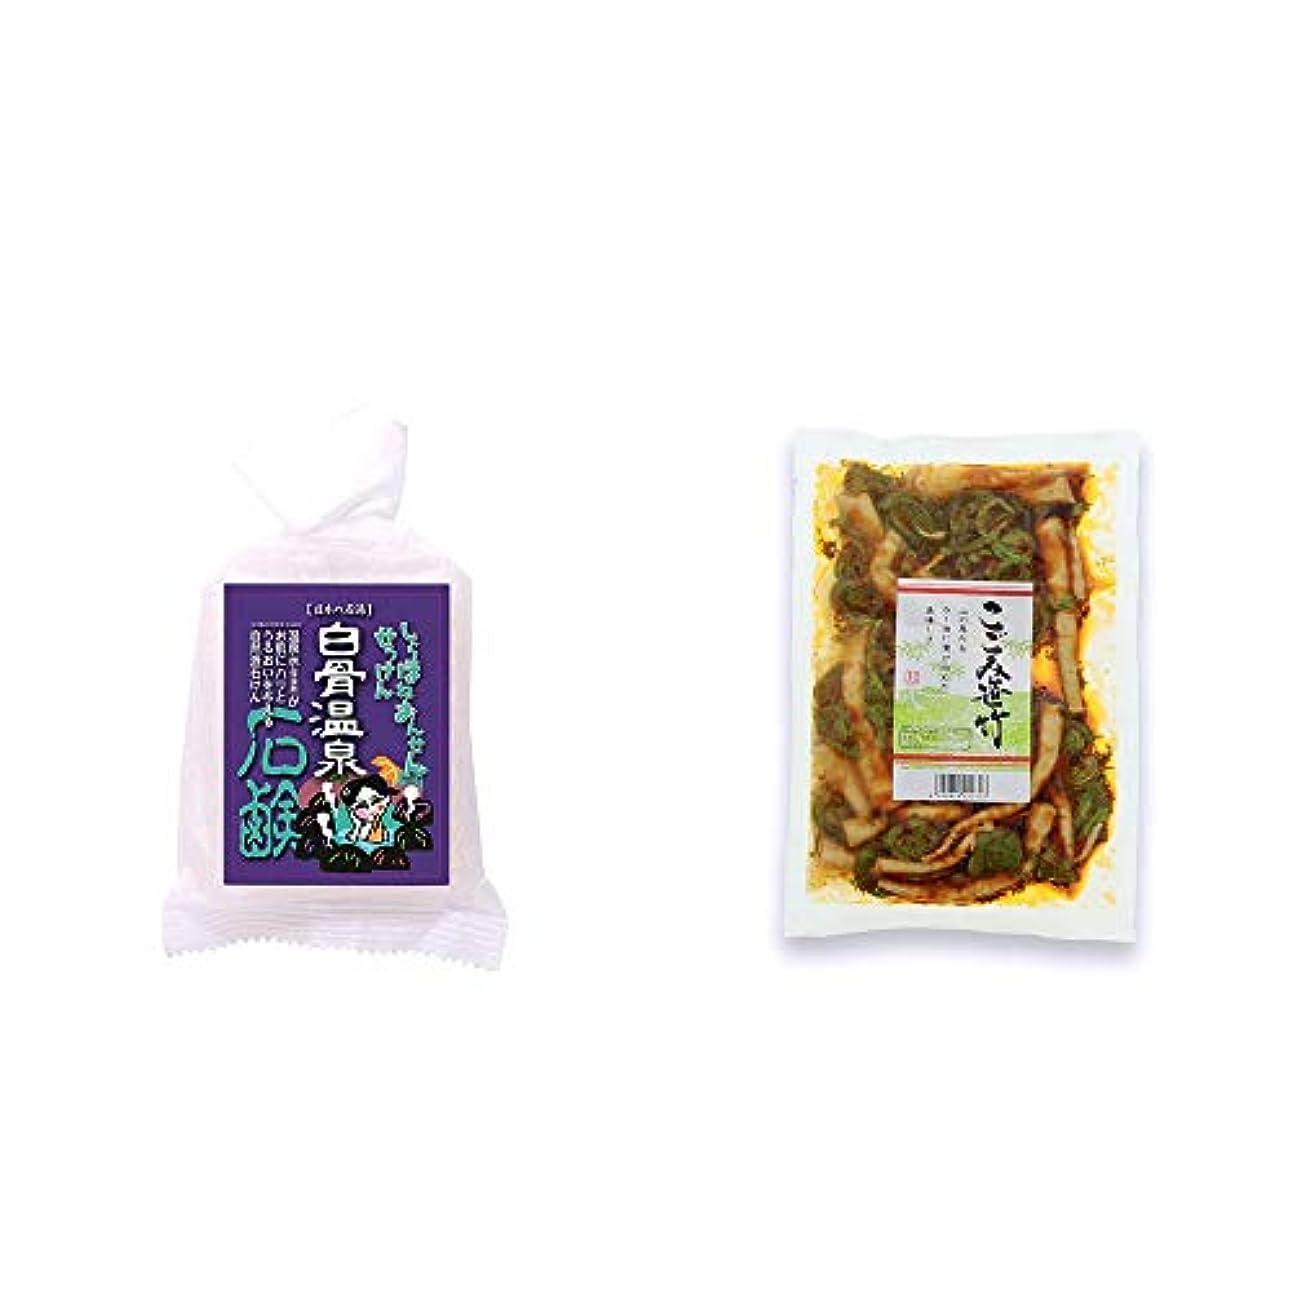 印象平らなかんたん[2点セット] 信州 白骨温泉石鹸(80g)?こごみ笹竹(250g)